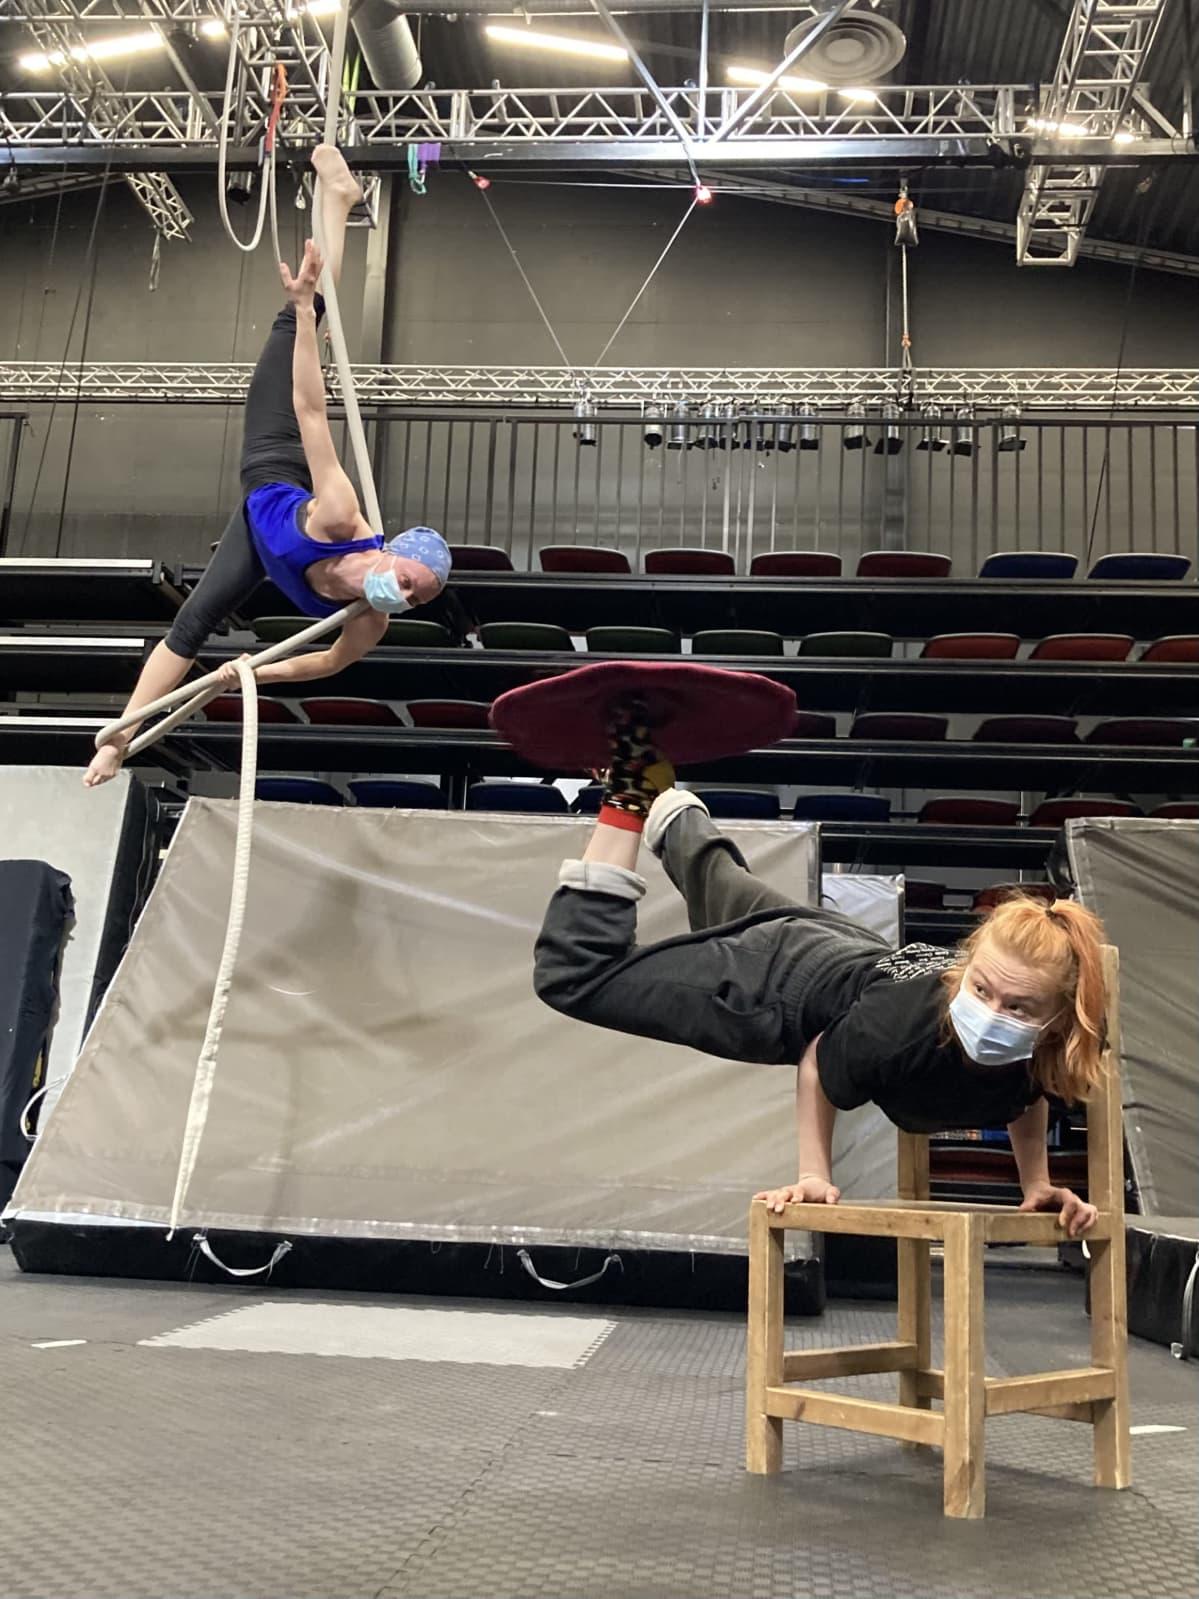 Sirkuslaiset harjoittelevat temppujaan. Valpuri Kaarninen tekee spagaatin käydestä roikkuen ja Rosa-Maria Autio seisoo käsillään pyörittäen kangasta jalkojensa päällä.